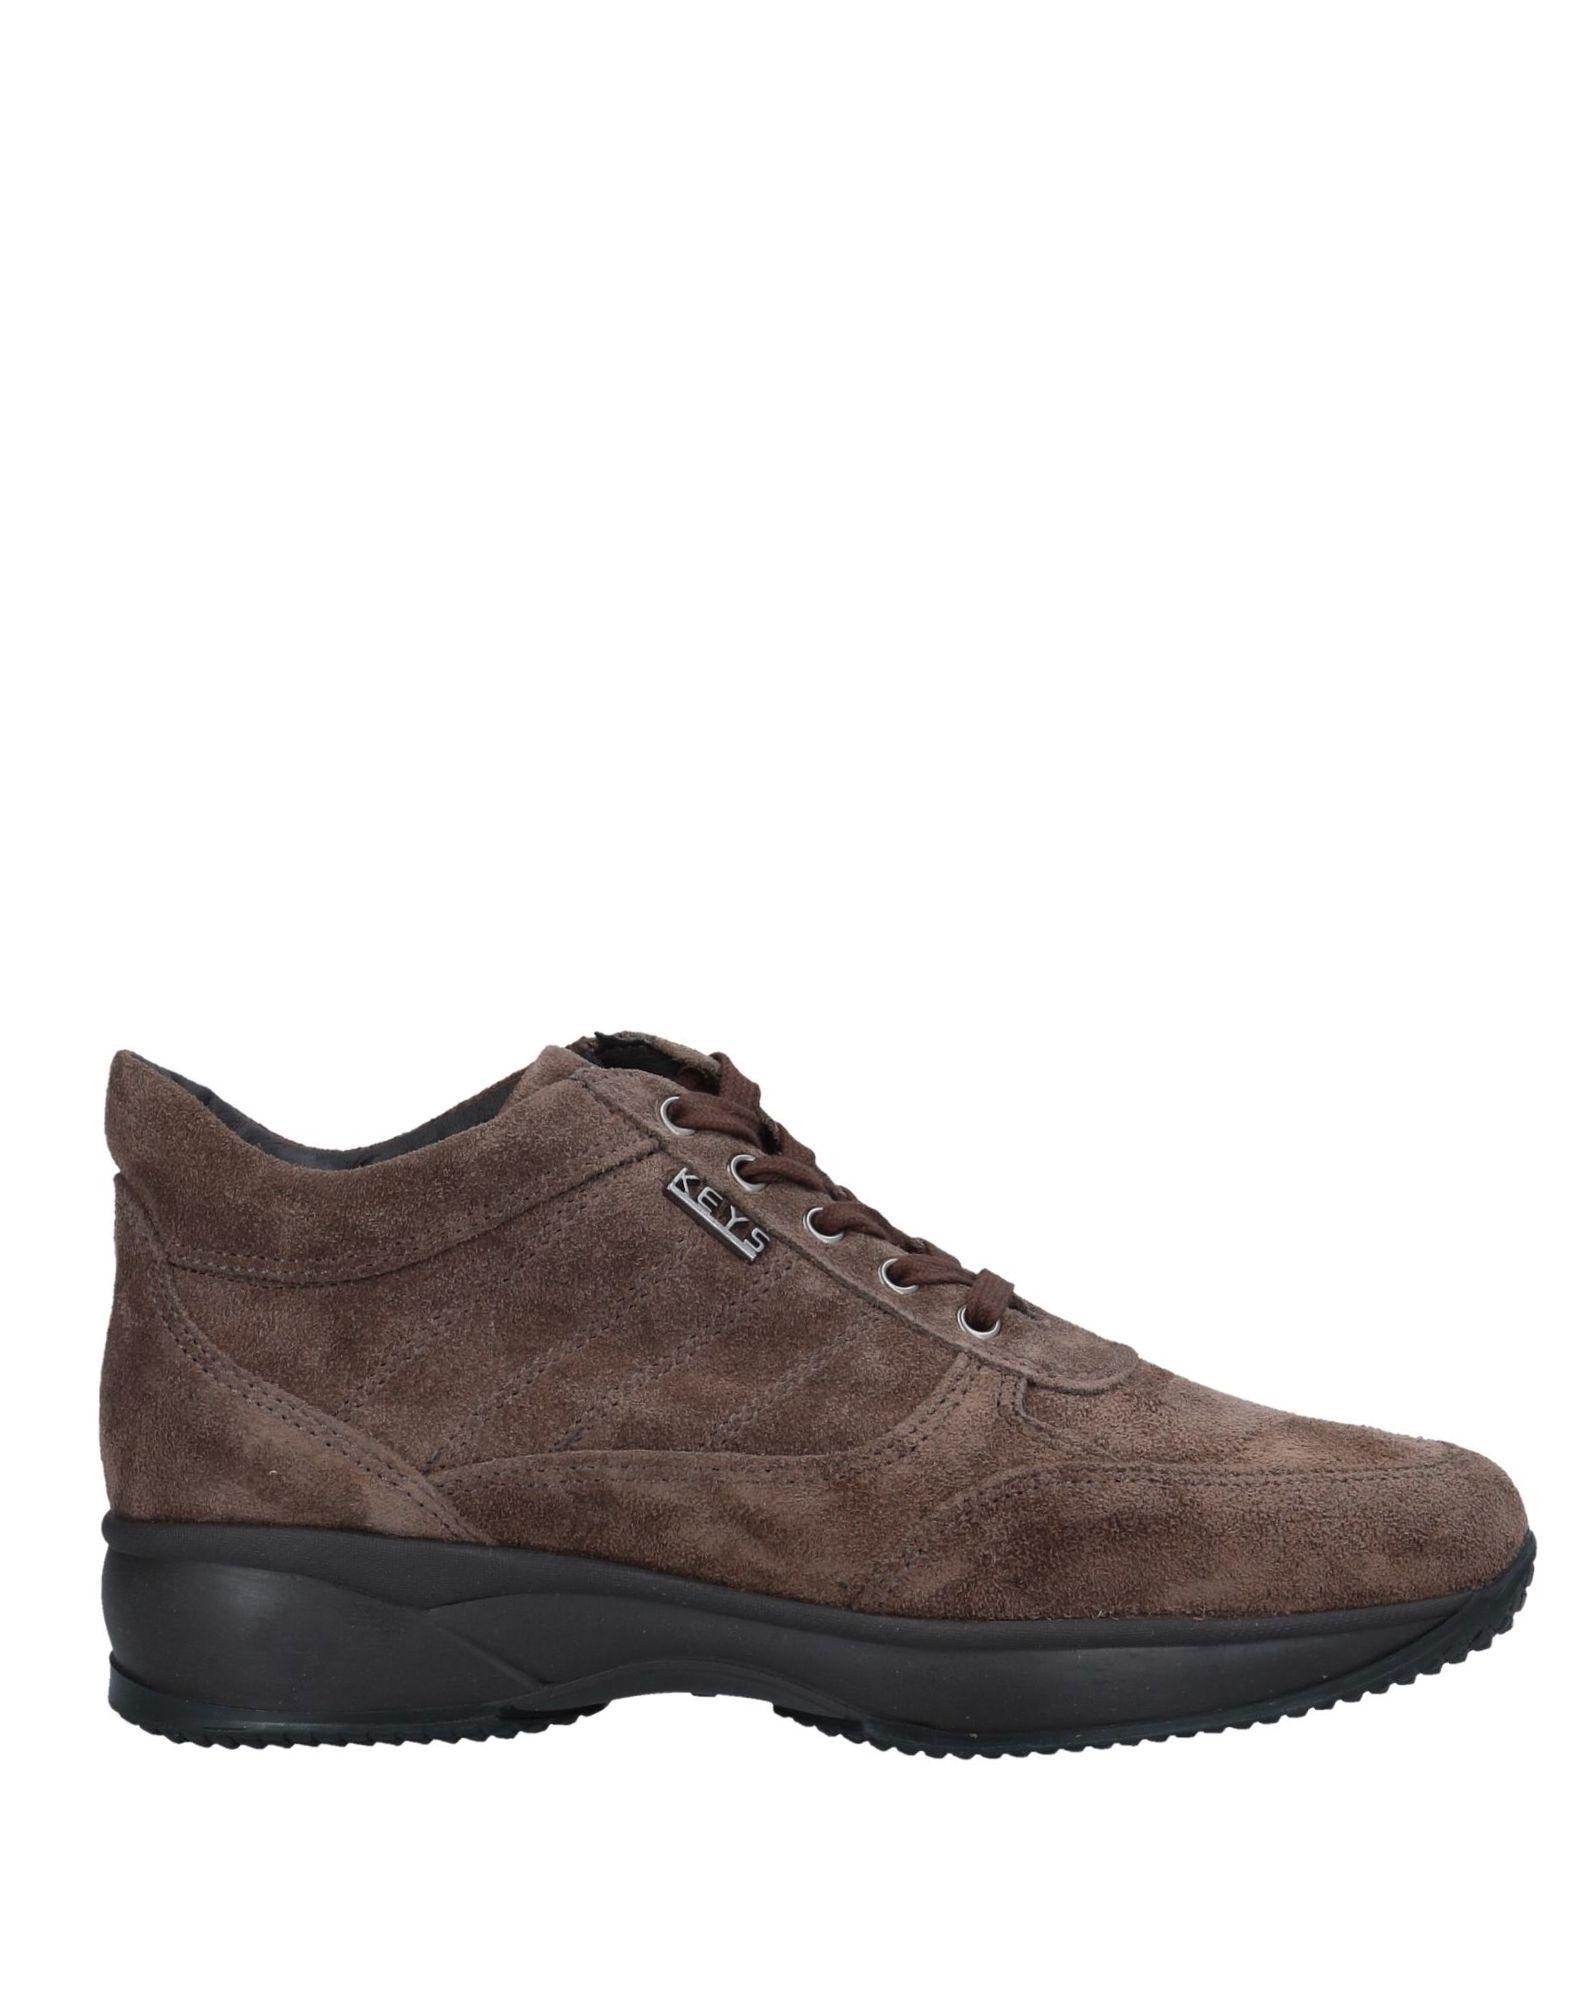 Keys Sneakers - Women Keys Sneakers - online on  Canada - Sneakers 11554594GJ 001367